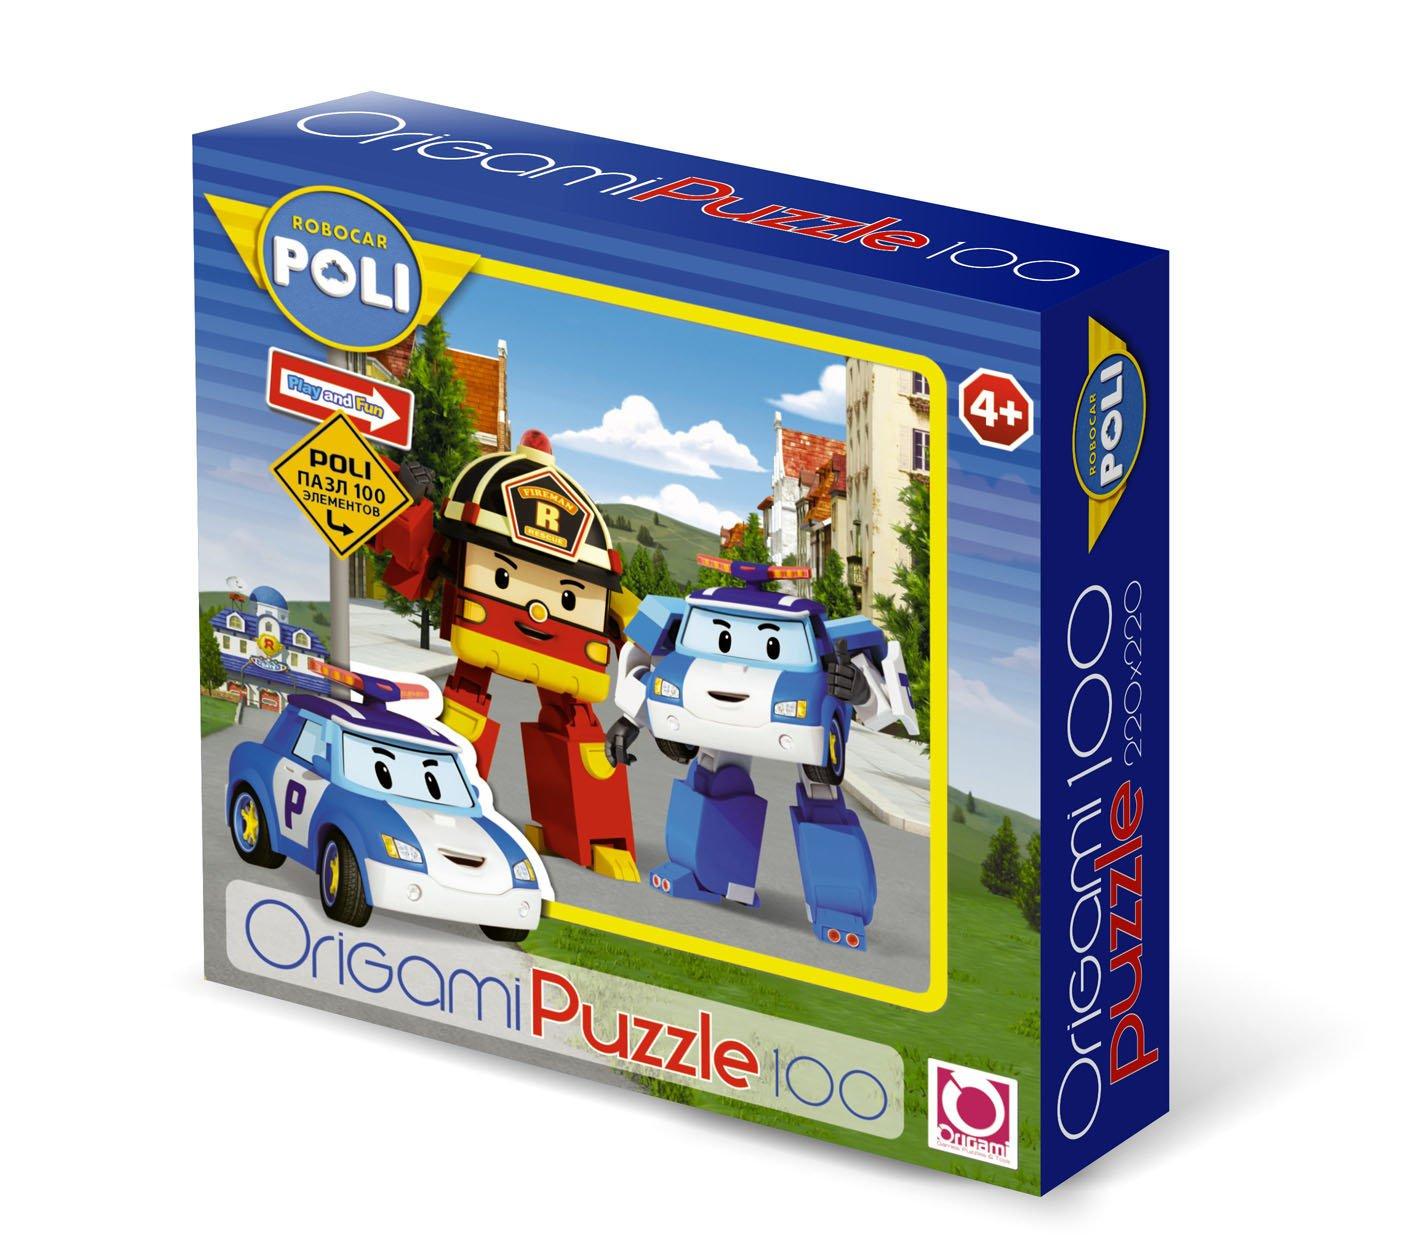 Робокар Поли.Пазл.100Эл.Рой и Поли.05896 origami robocar 05896